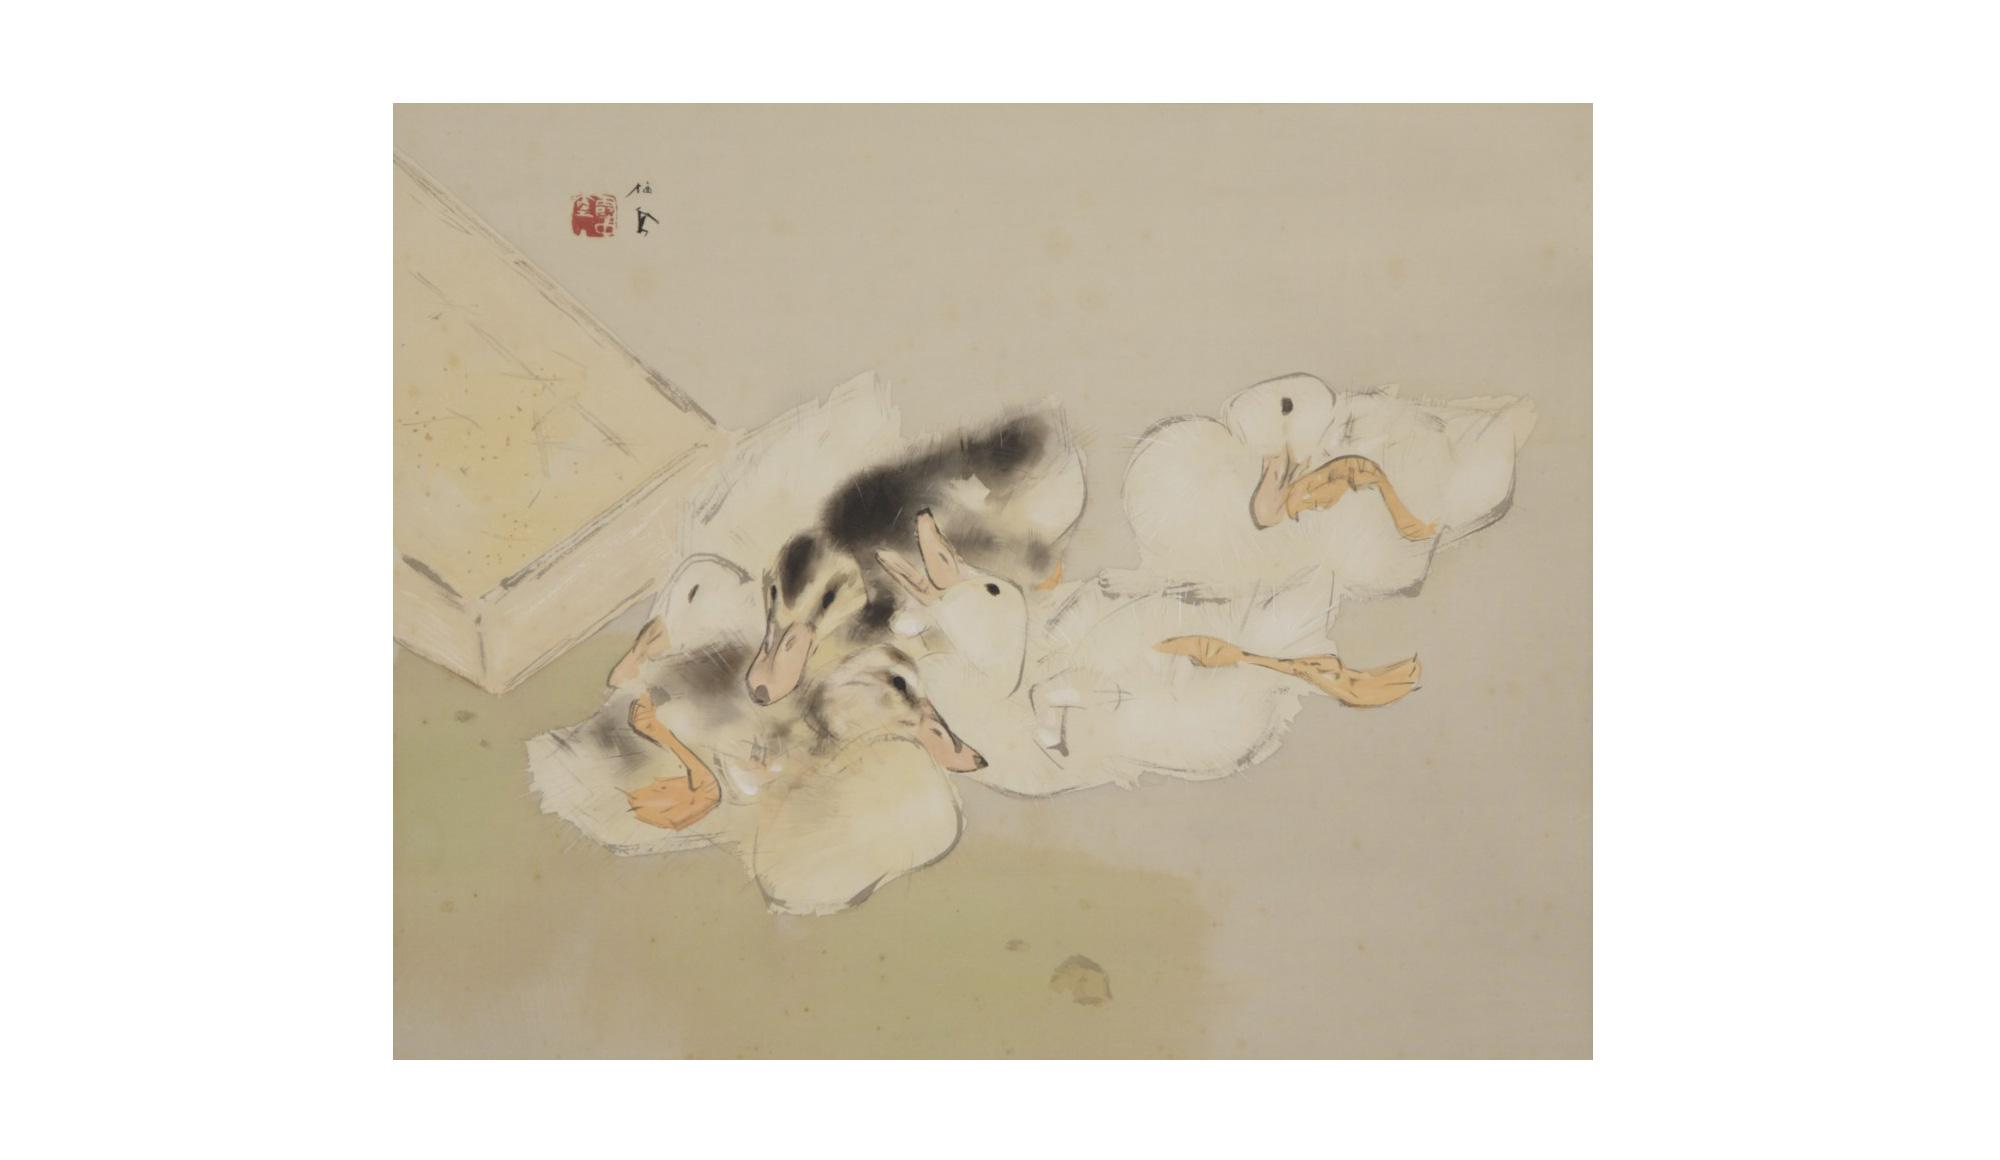 Takeuchi Seihō